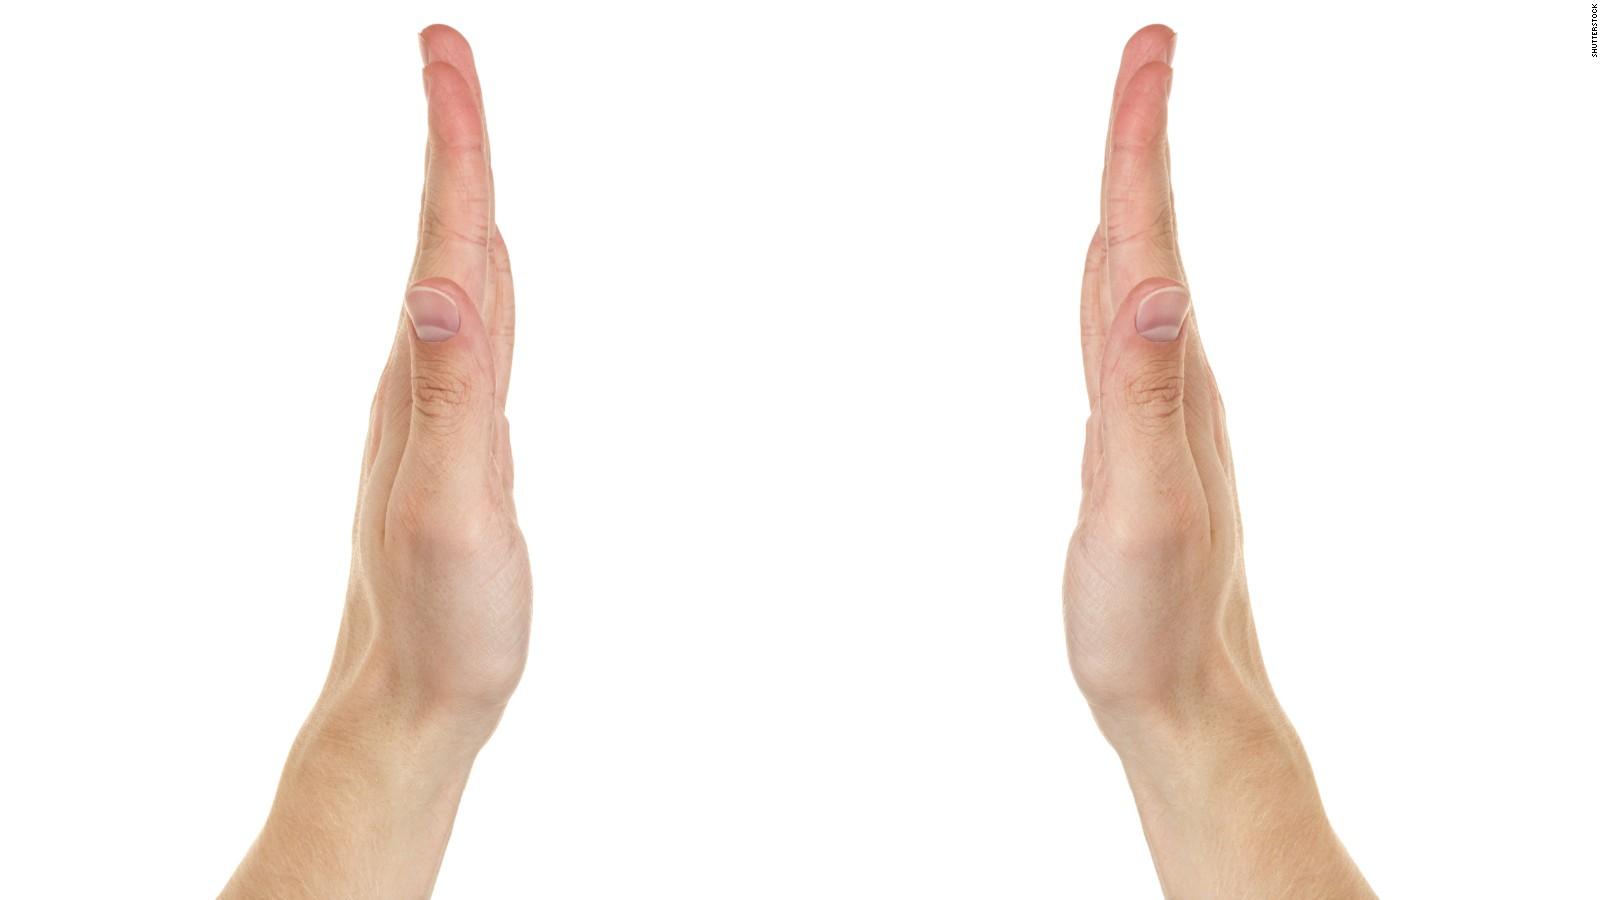 E oficial: dimensiunea normala a unui penis este de 9 cm!